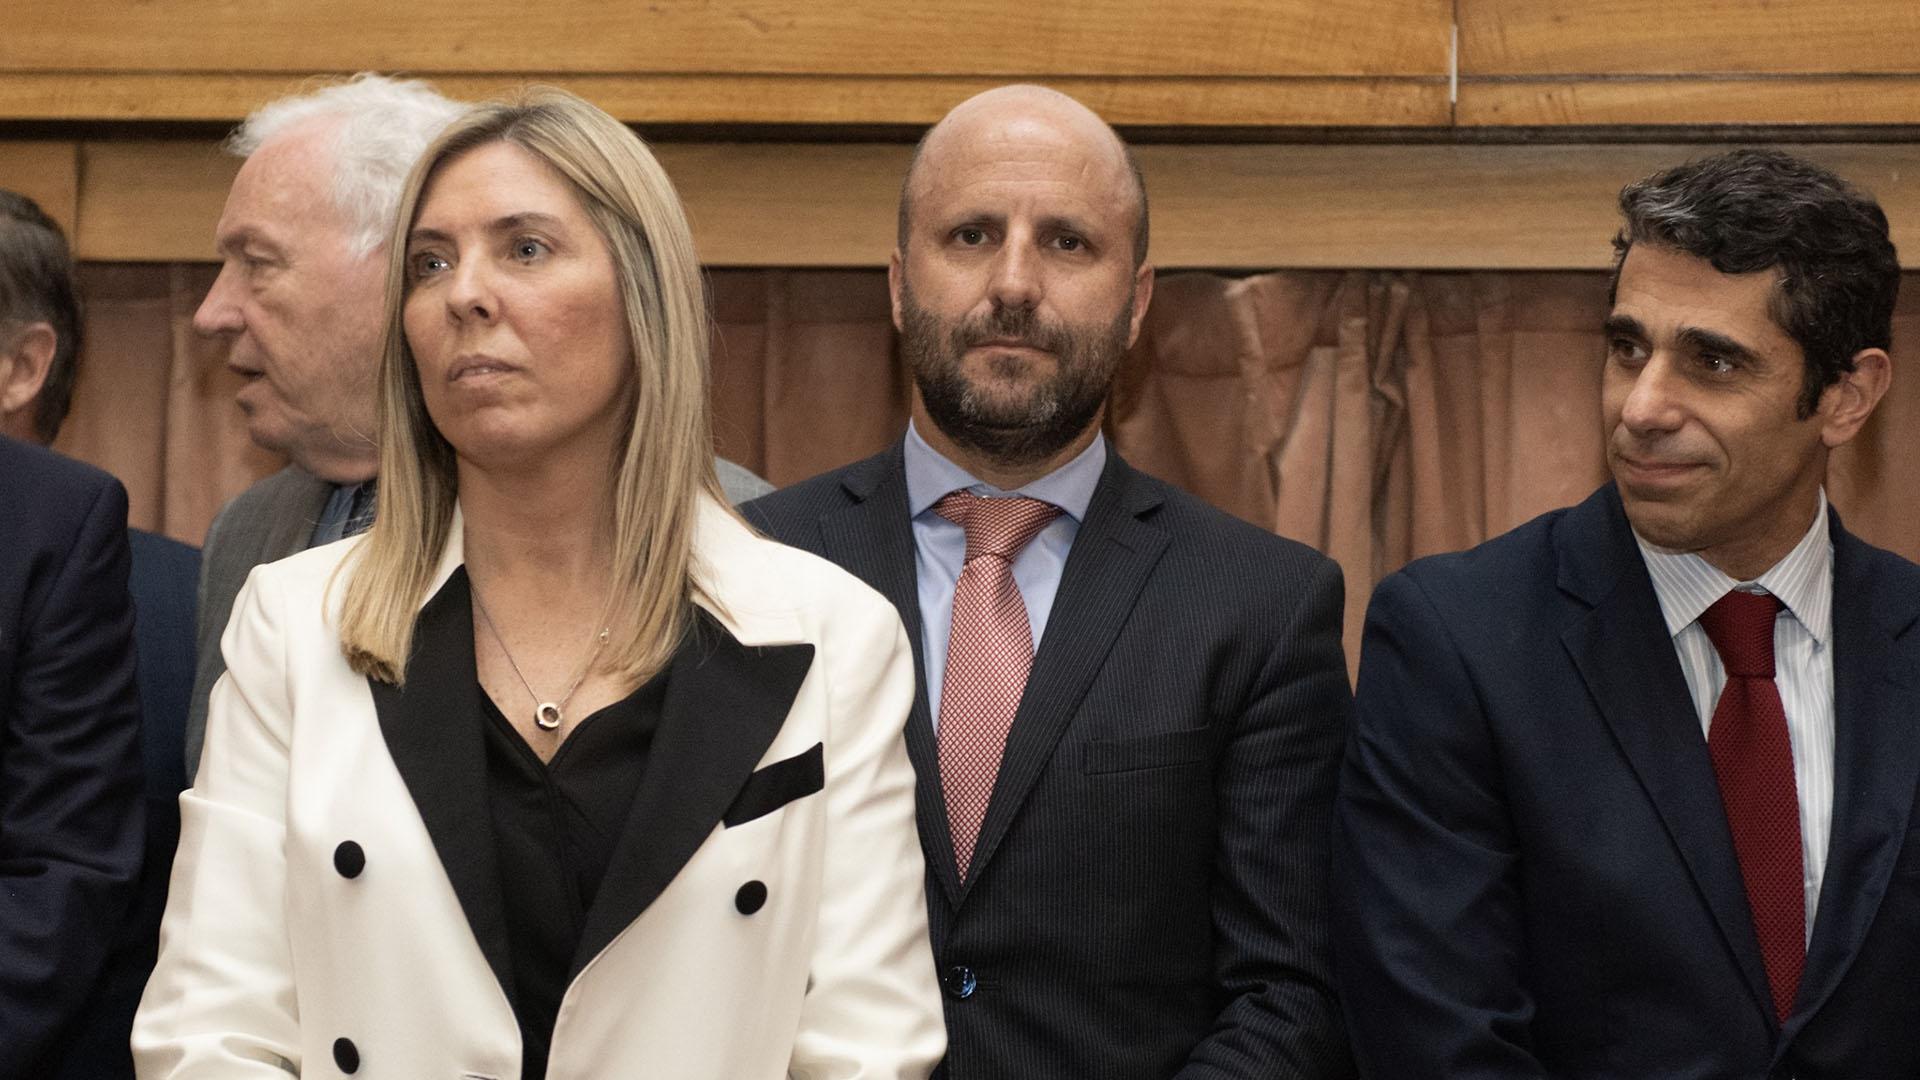 El camarista Mariano Borinsky (corbata a pintas rojas) participó del acto de jura realizado en la Sala Amia de los tribunales de Comodoro Py. A su izquierda, el magistrado Daniel Petrone